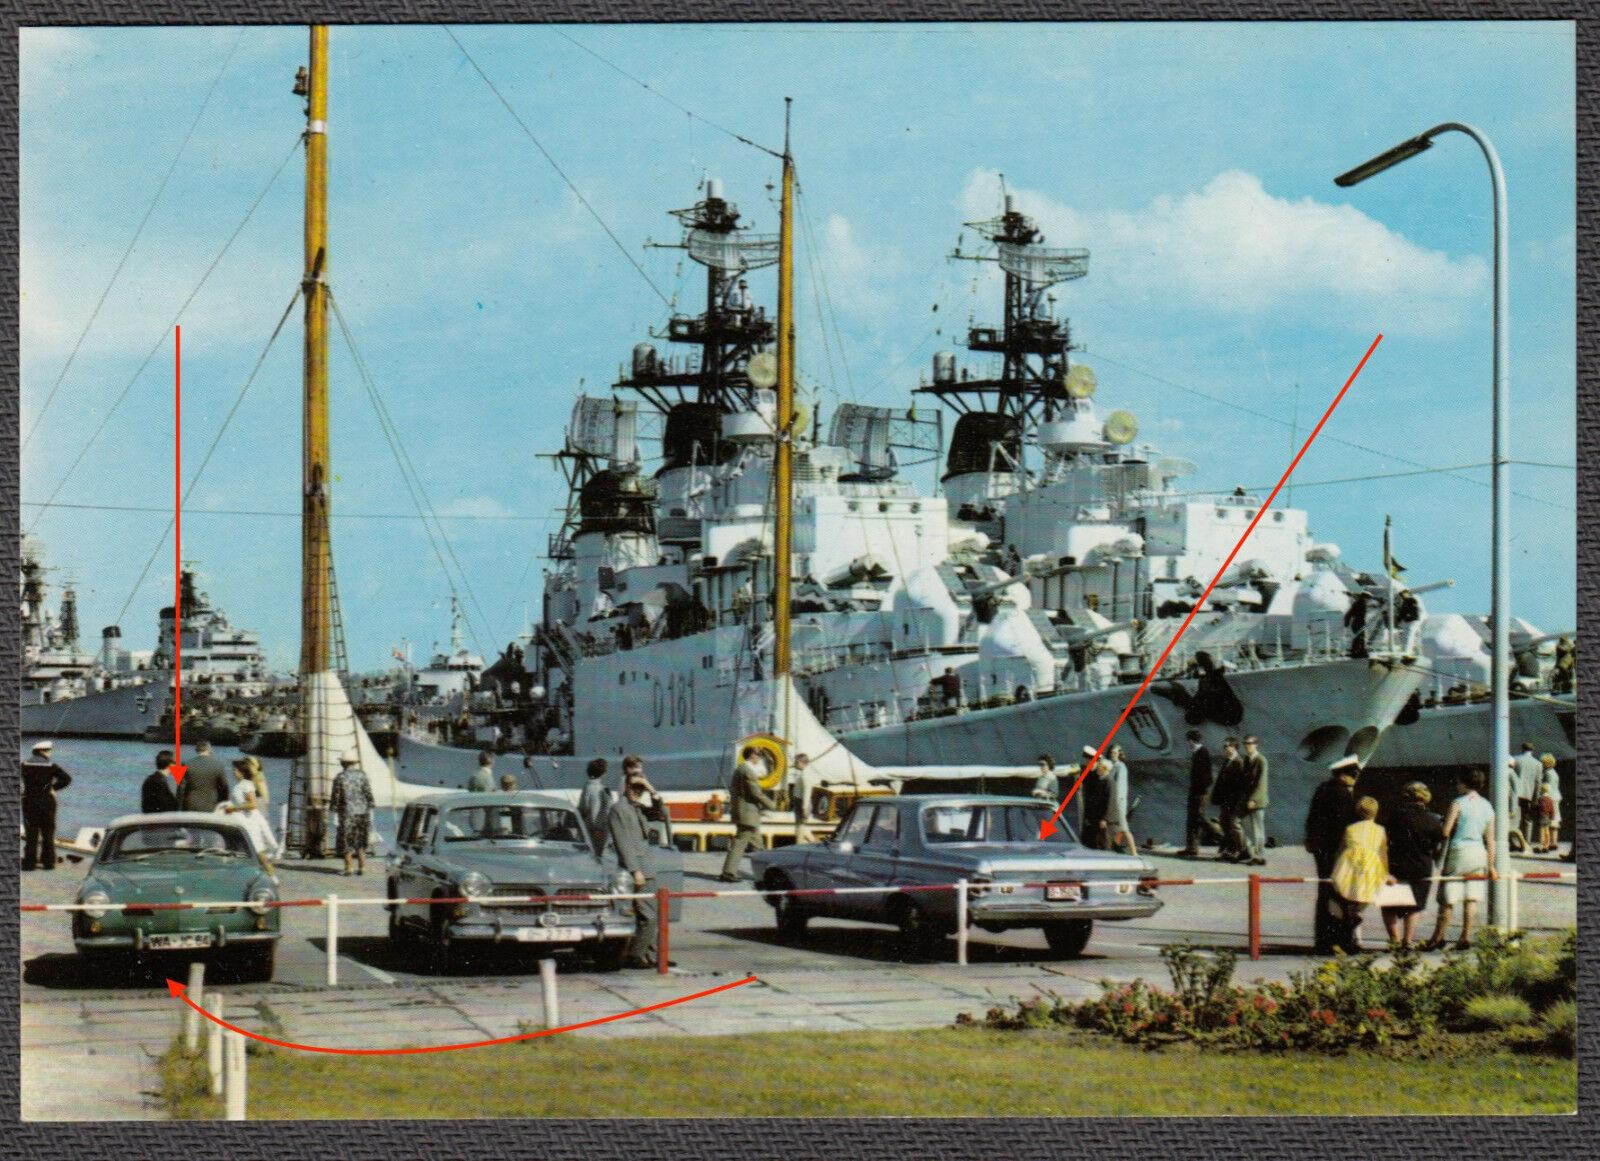 Ghia by destroyer in Hamburg